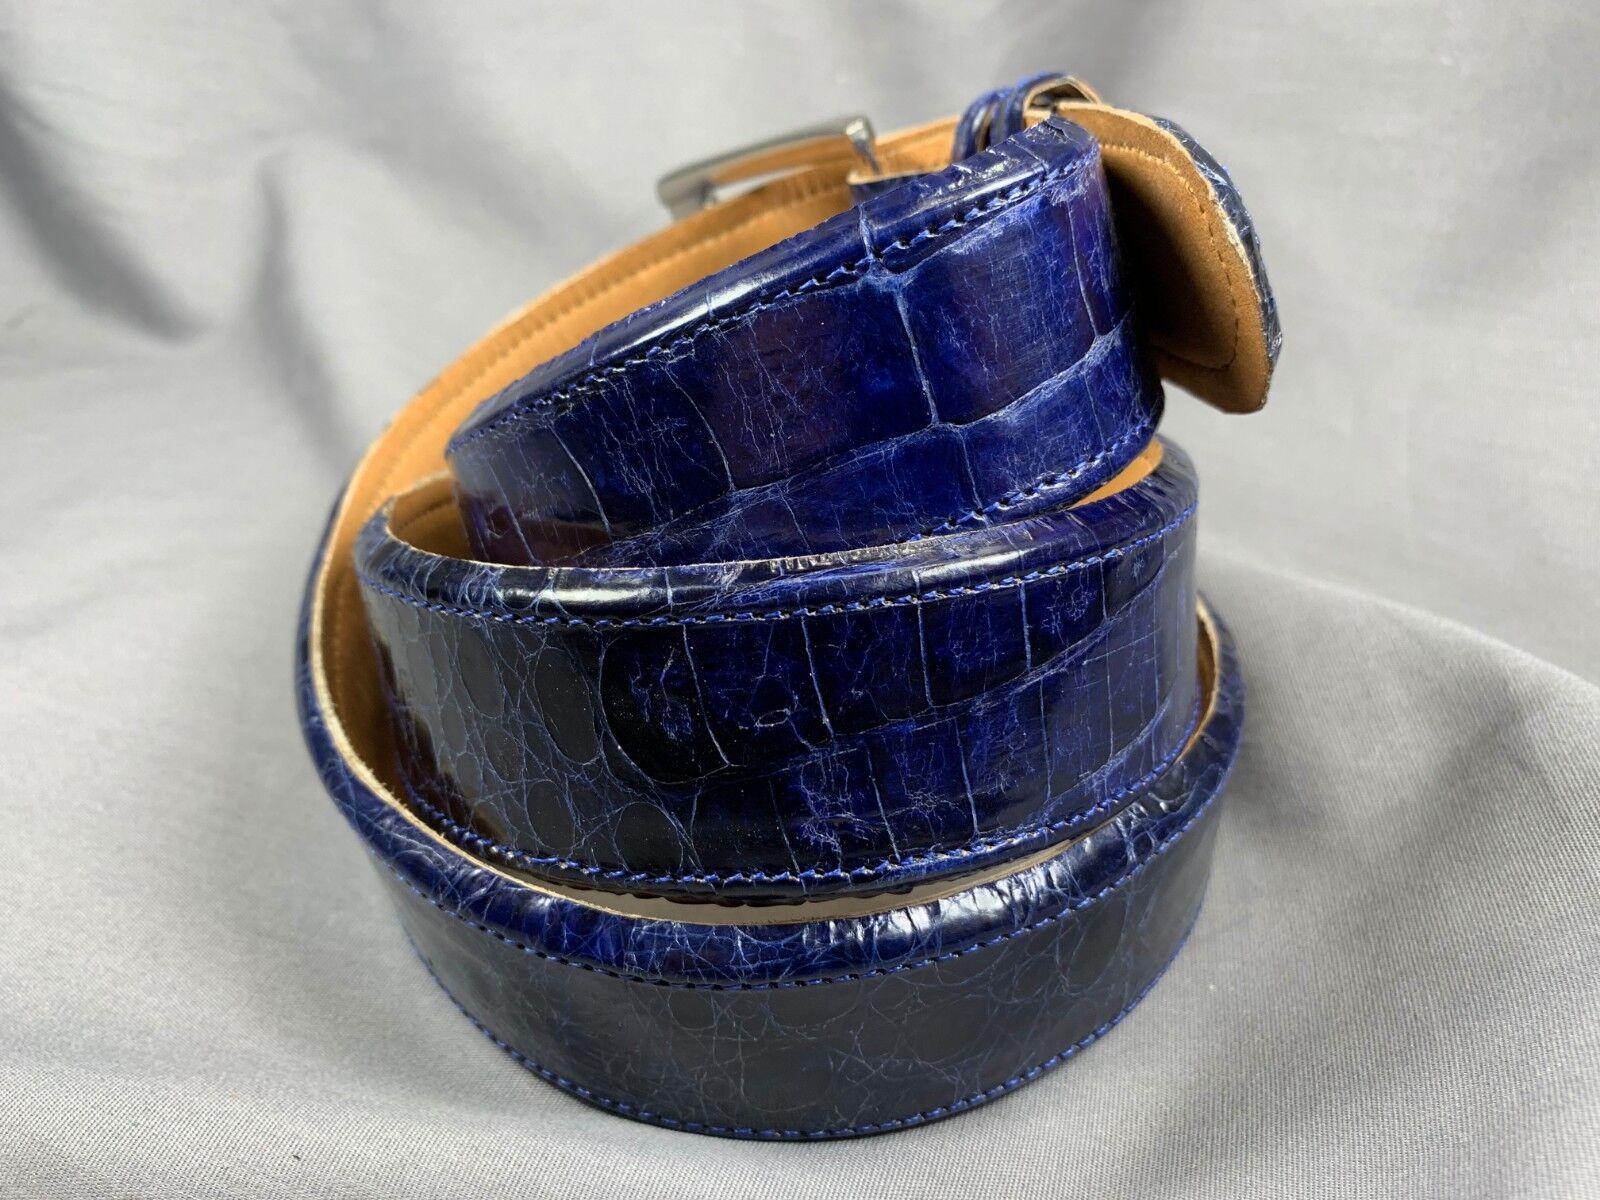 Cocodrilo-Piel De Cocodrilo Azul Genuino Cintura Cinturón de  37-38 tamaño 39-40 X 1.5  de ancho  comprar descuentos